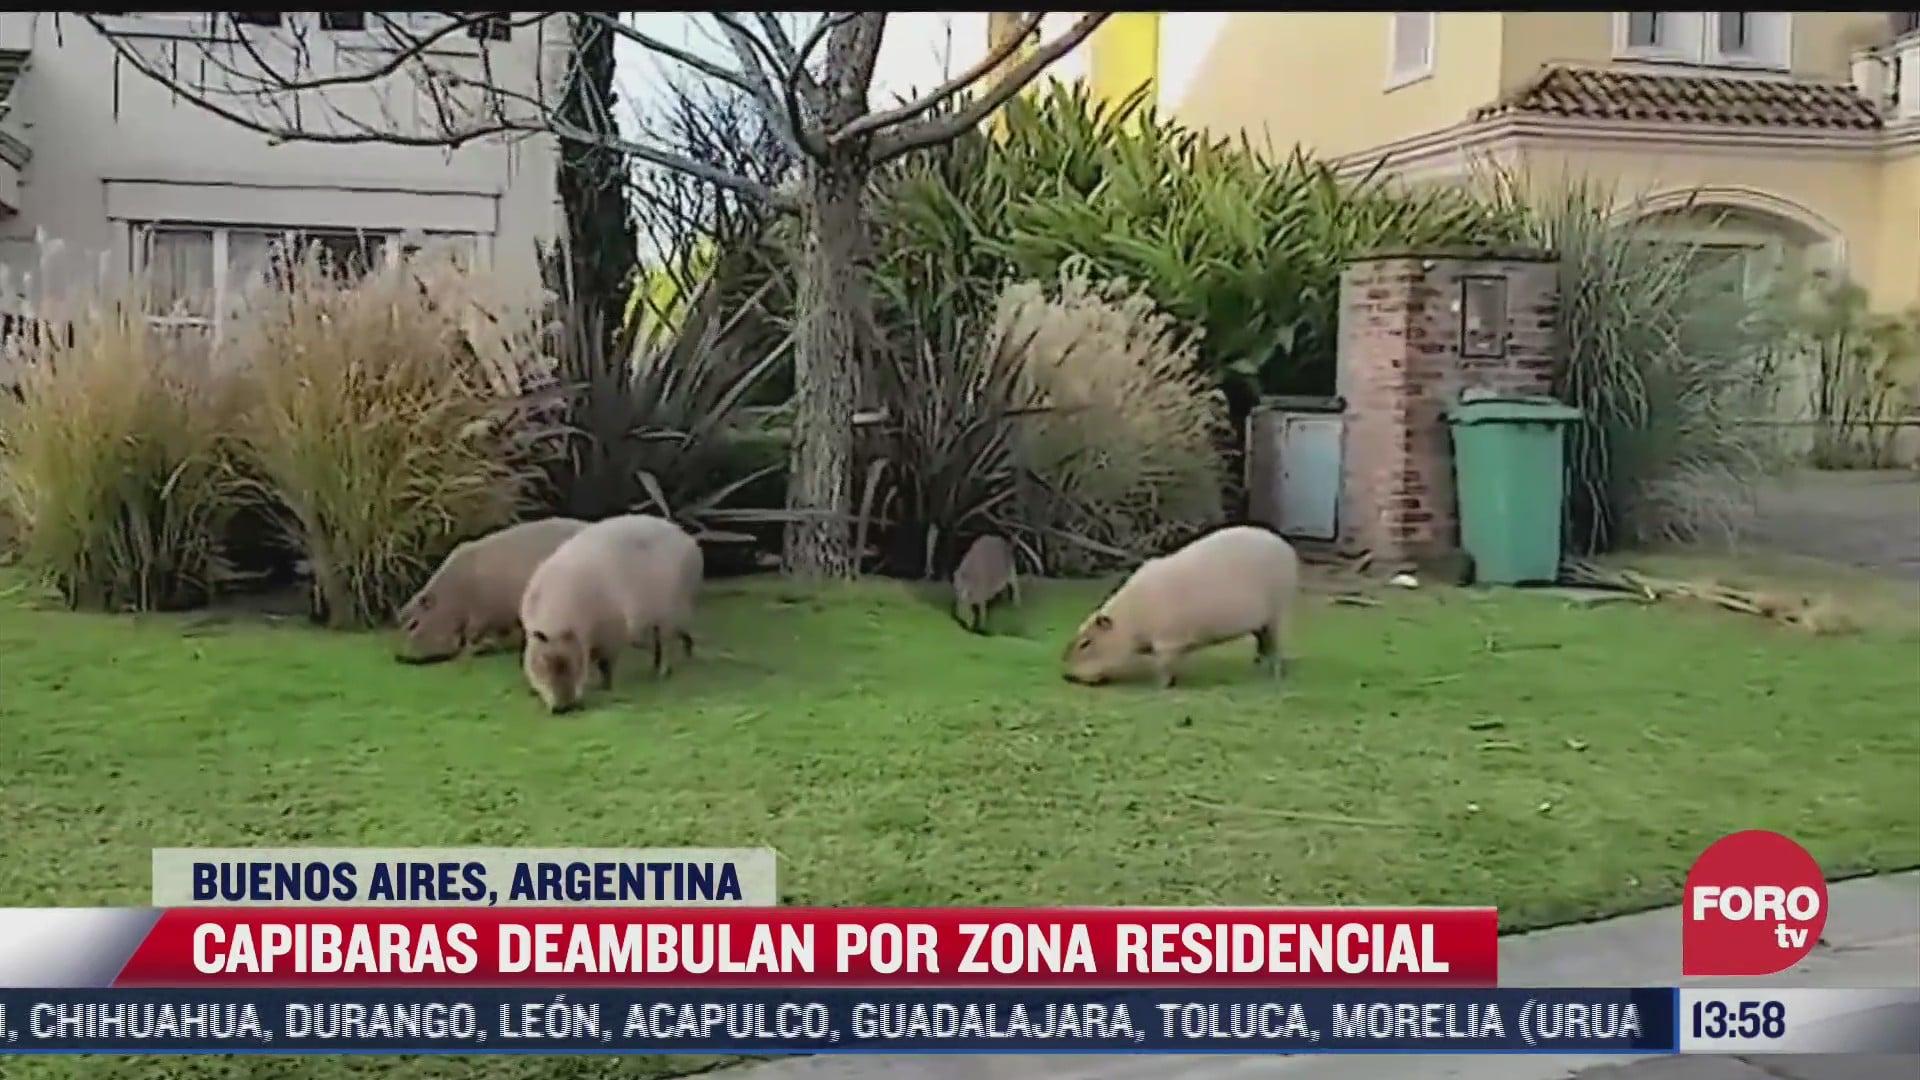 capibaras deambulan por zona residencial en argentina